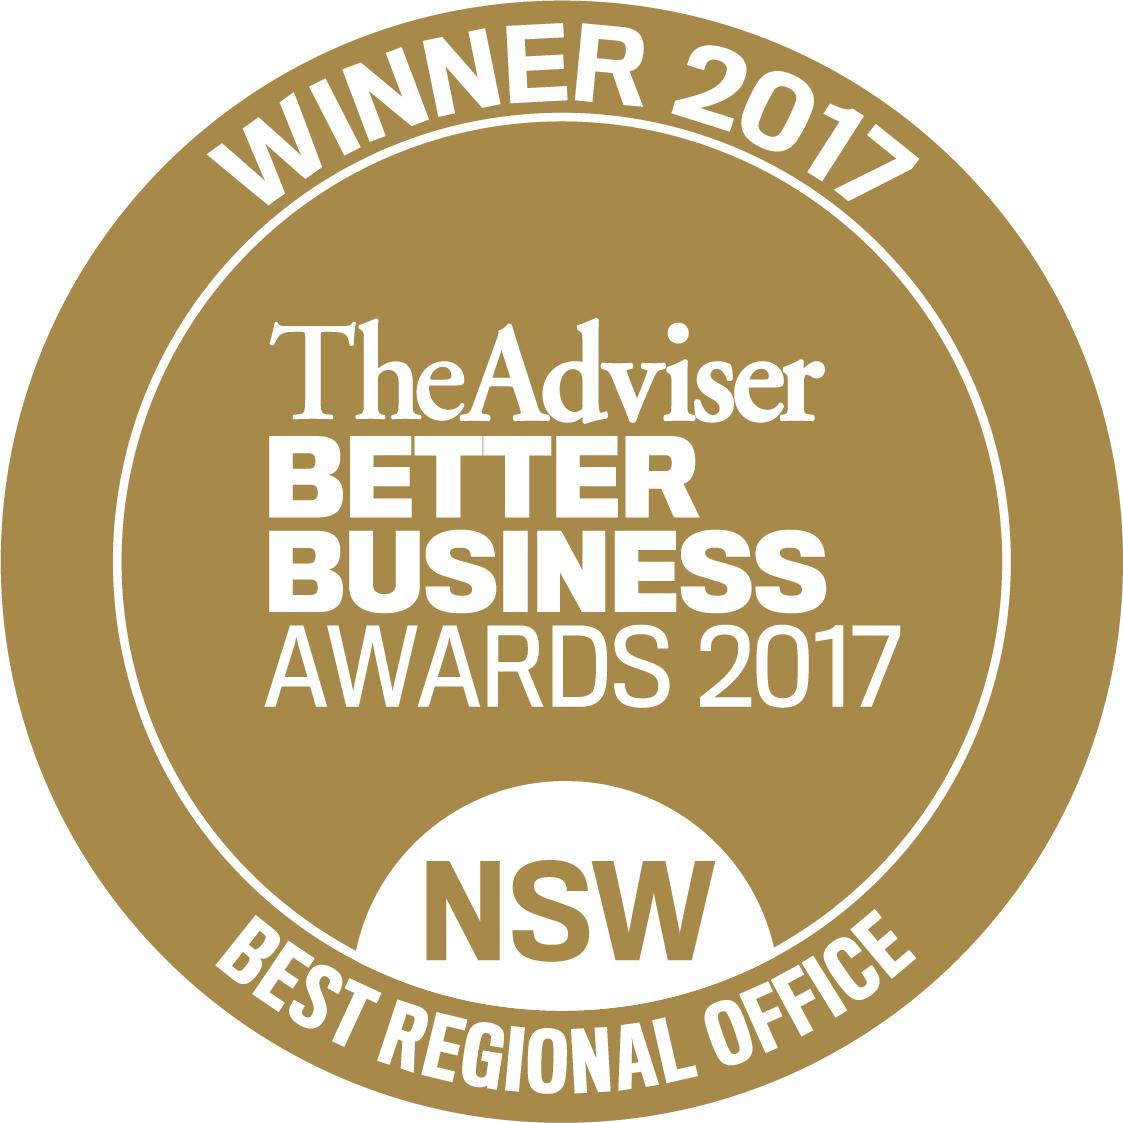 NSW_Best Regional Office.jpg